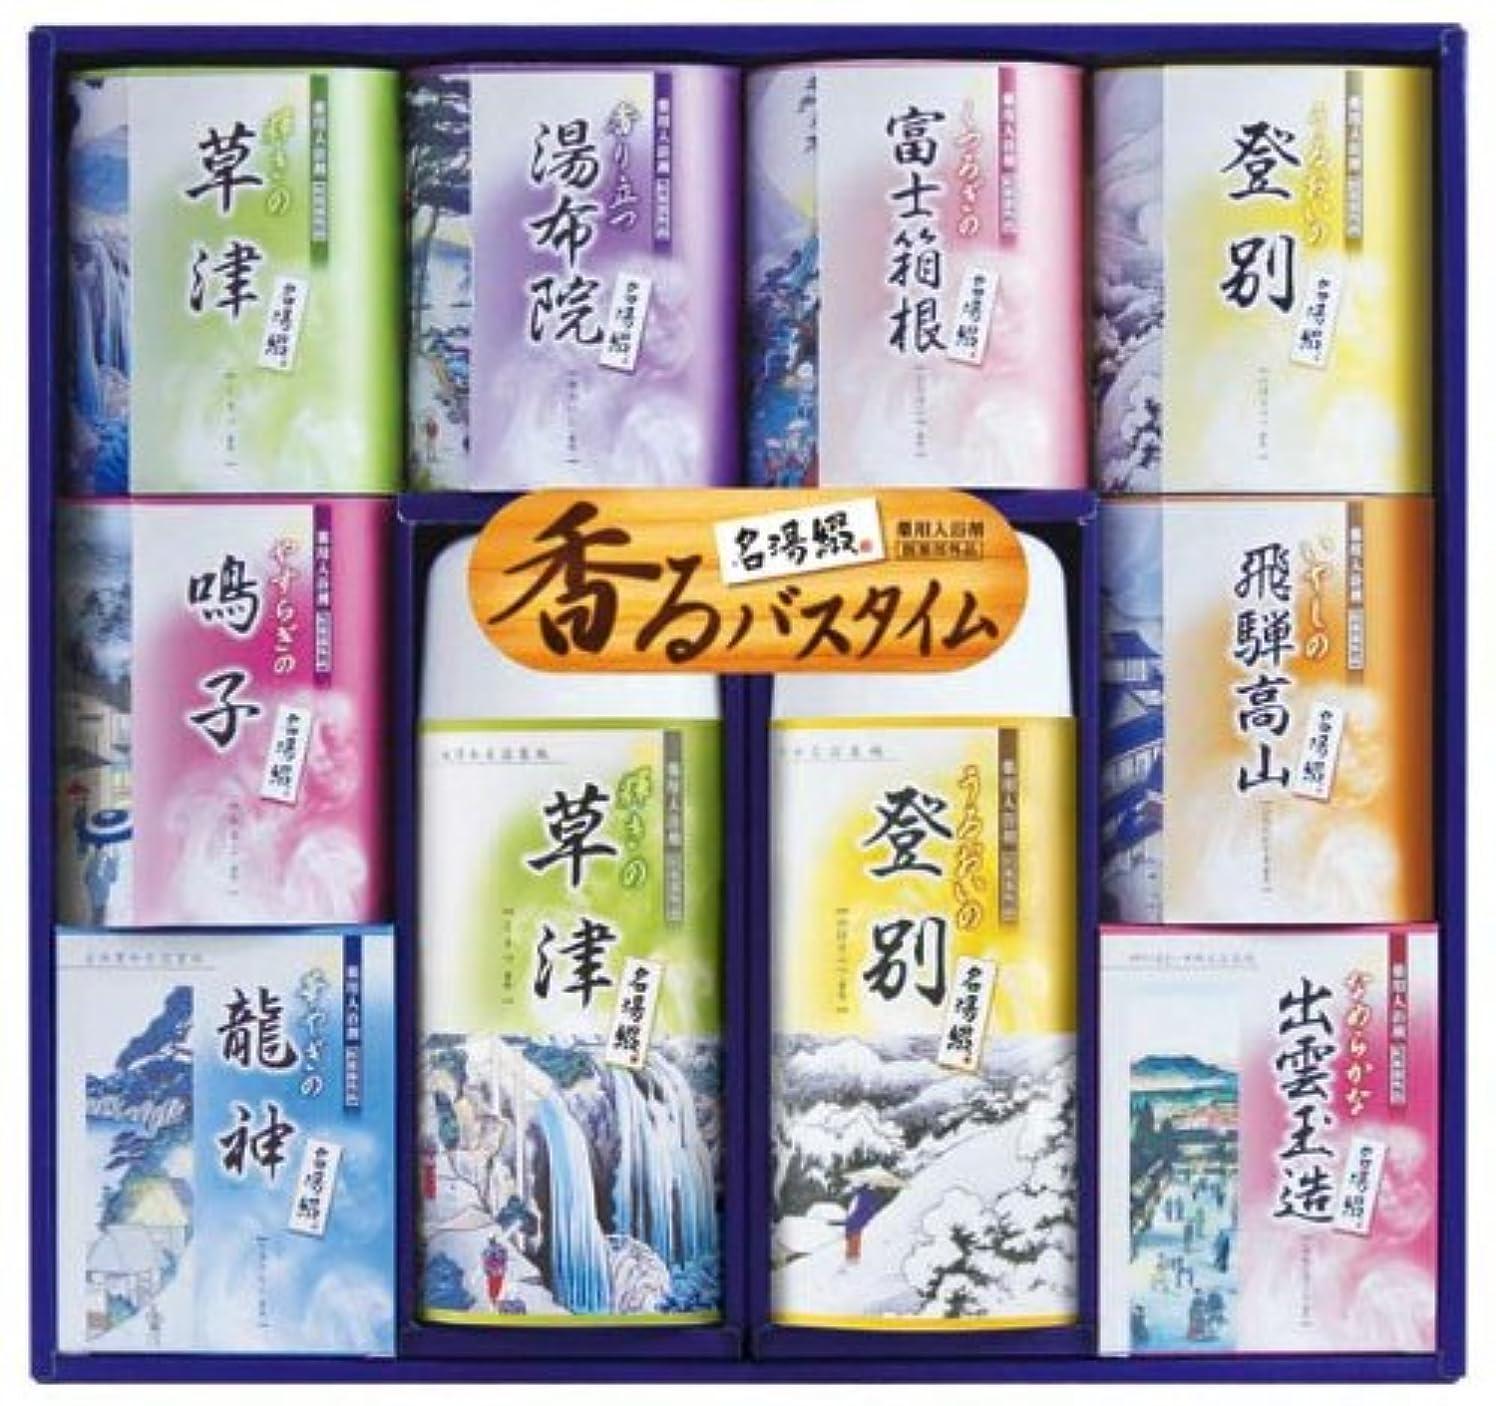 安らぎオリエントパーティーTML-30名湯綴 薬用入浴剤セット